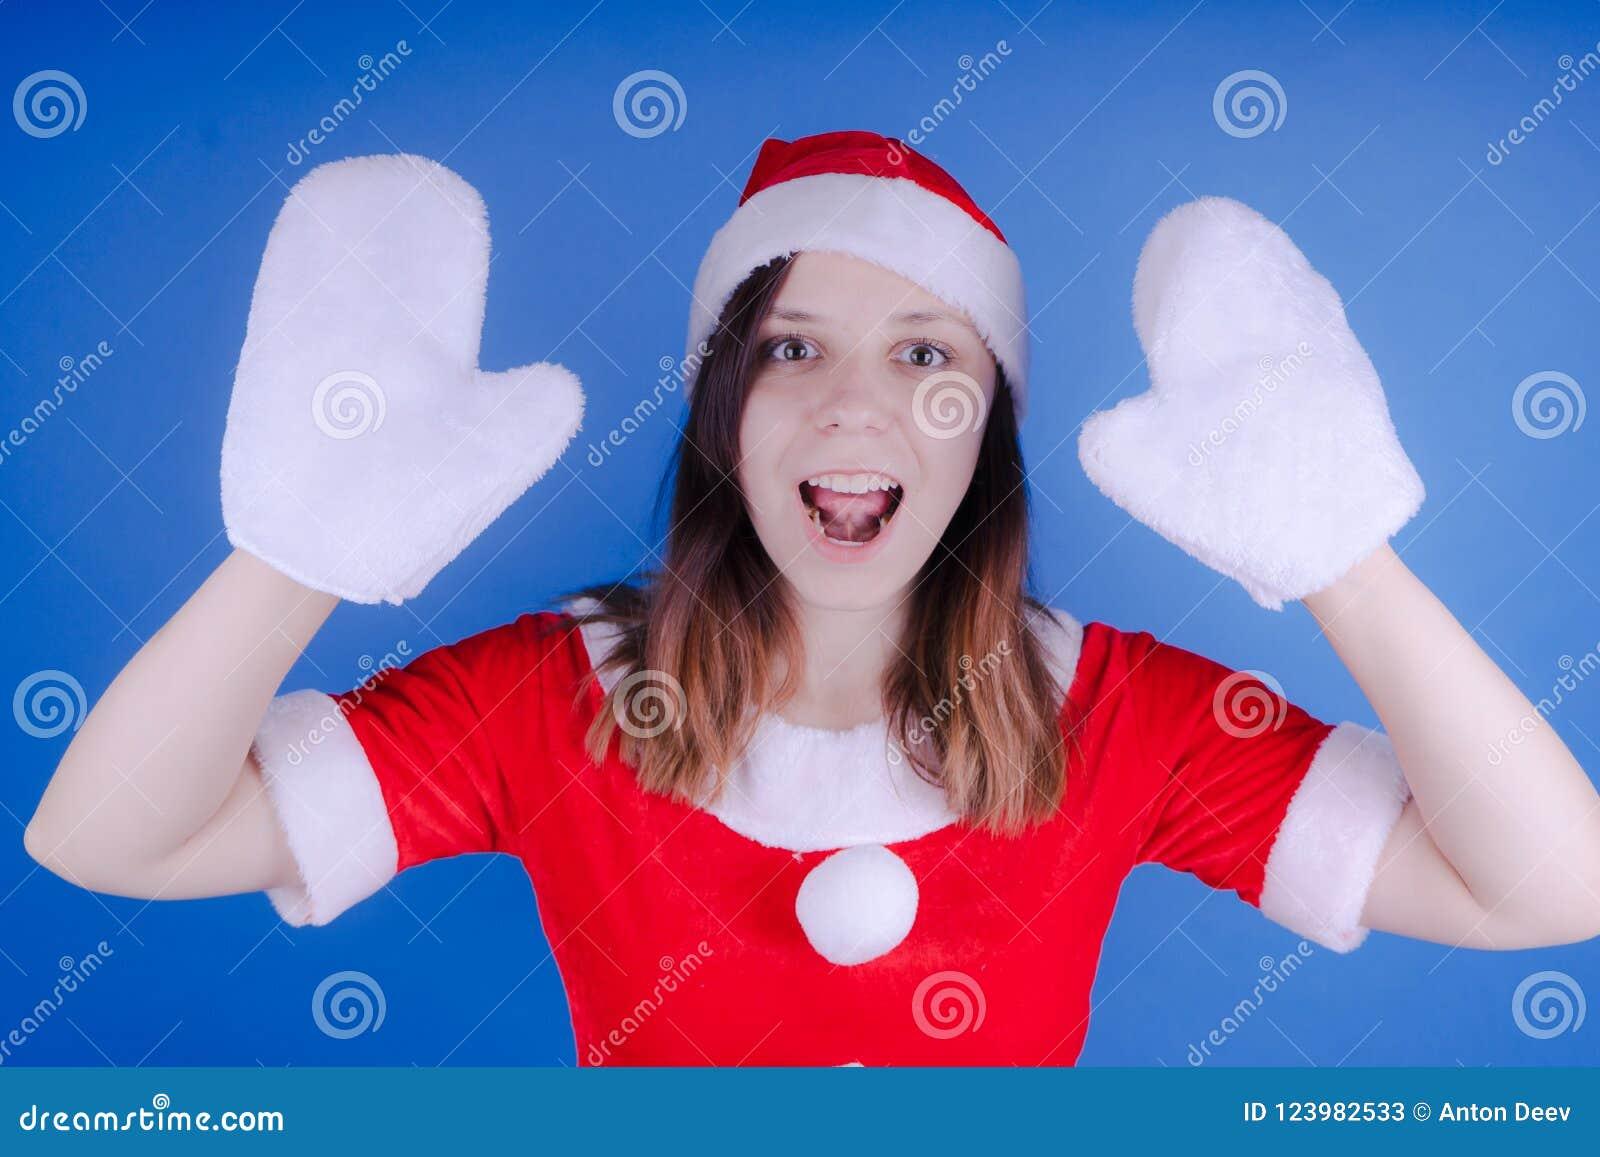 Ståenden av en ung flicka klädde som Santa Claus på en blå bakgrund Lyckligt nytt år och glad jul!